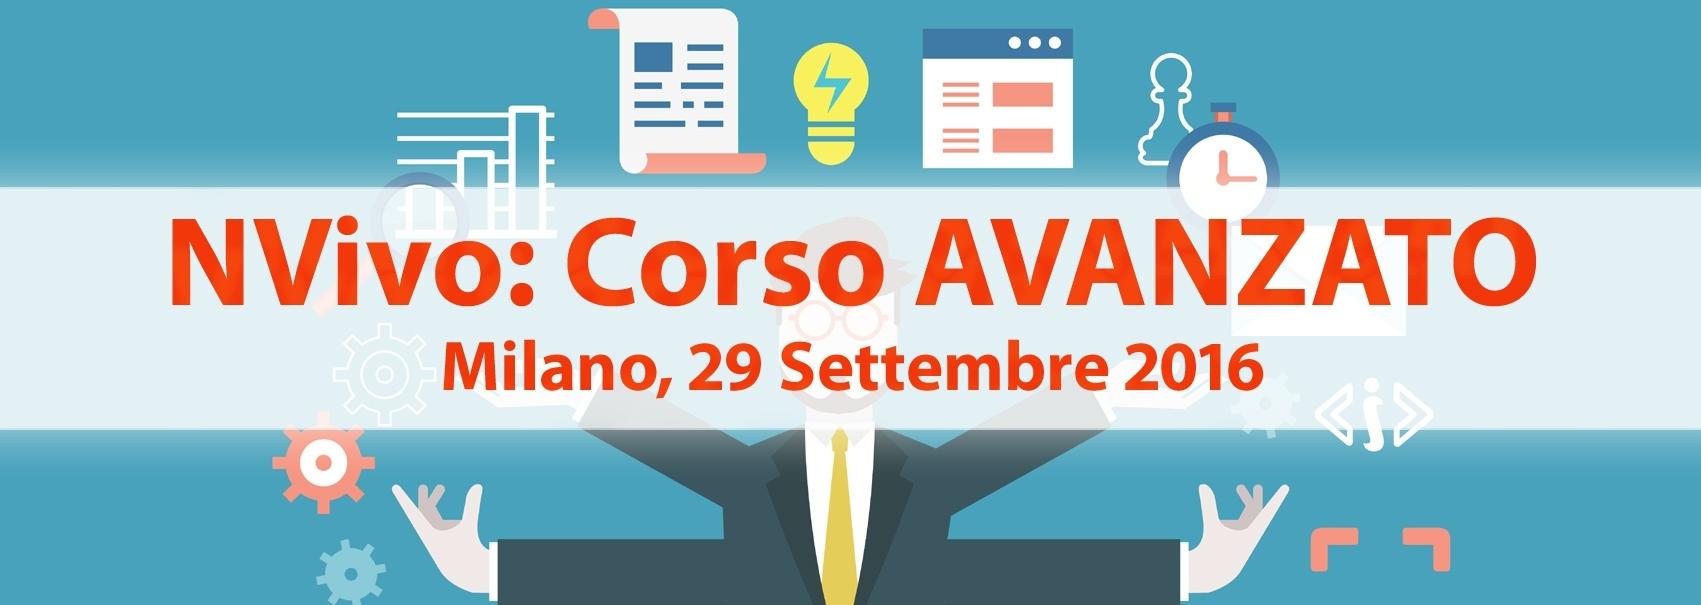 NVivo-corso-avanzato-Mi_09-copia NVivo - Corso Avanzato, Milano - 29 Settembre 2016